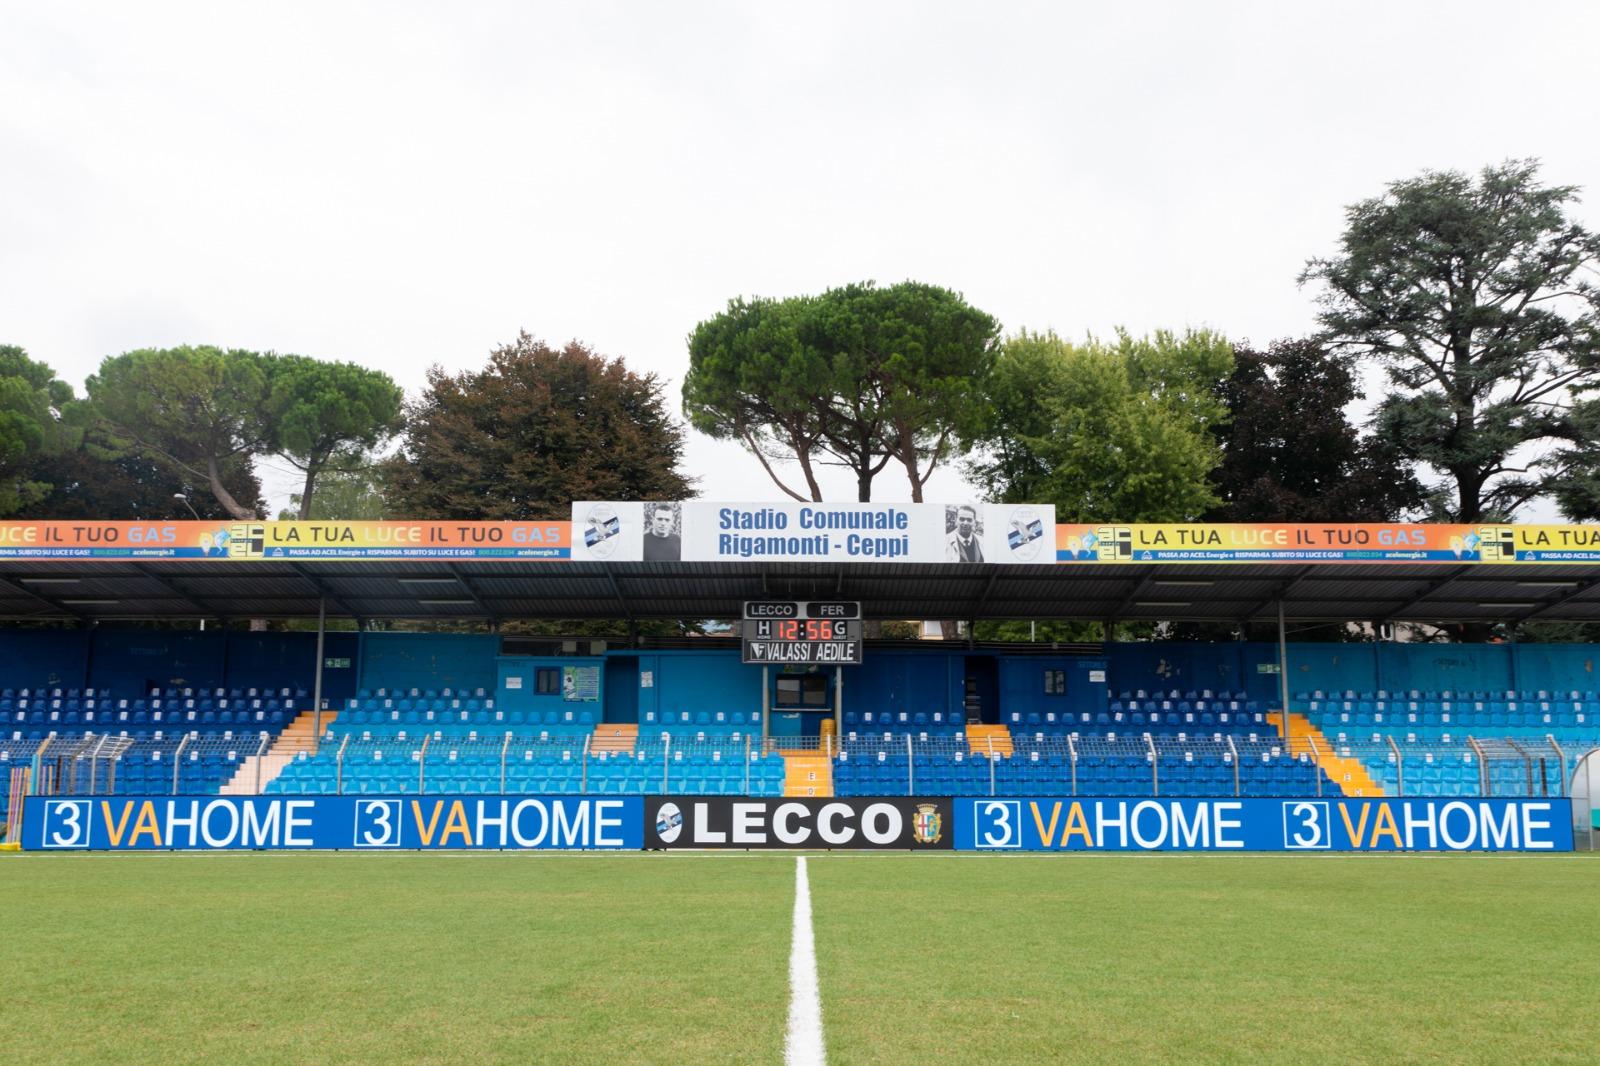 Comunicato congiunto Calcio Lecco 1912, Valassi Aedile e 3VAHOME per i nuovi pannelli Led bordocampo